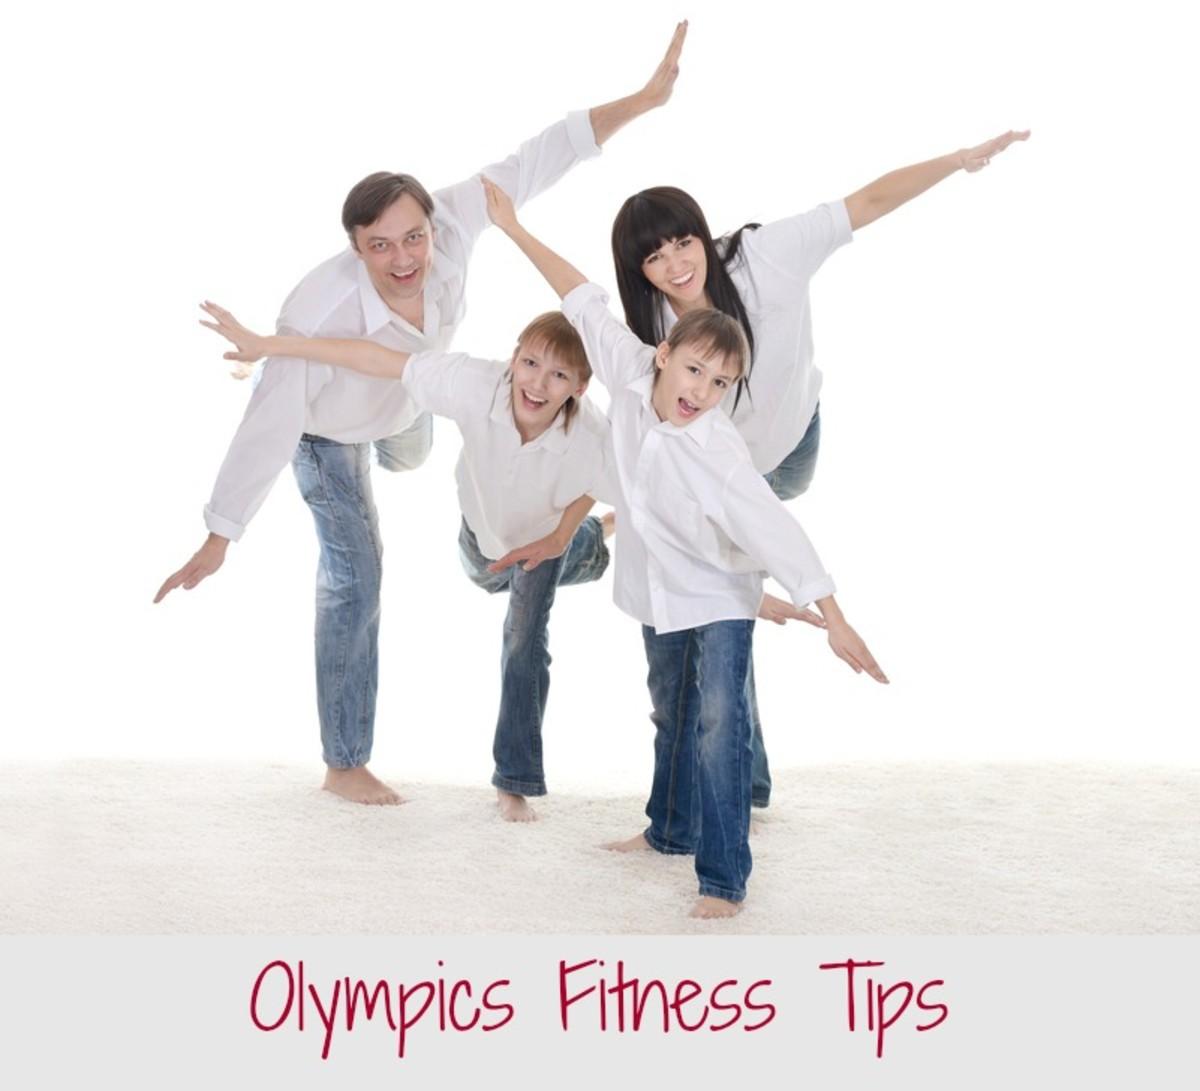 Olympics Fitness Tips